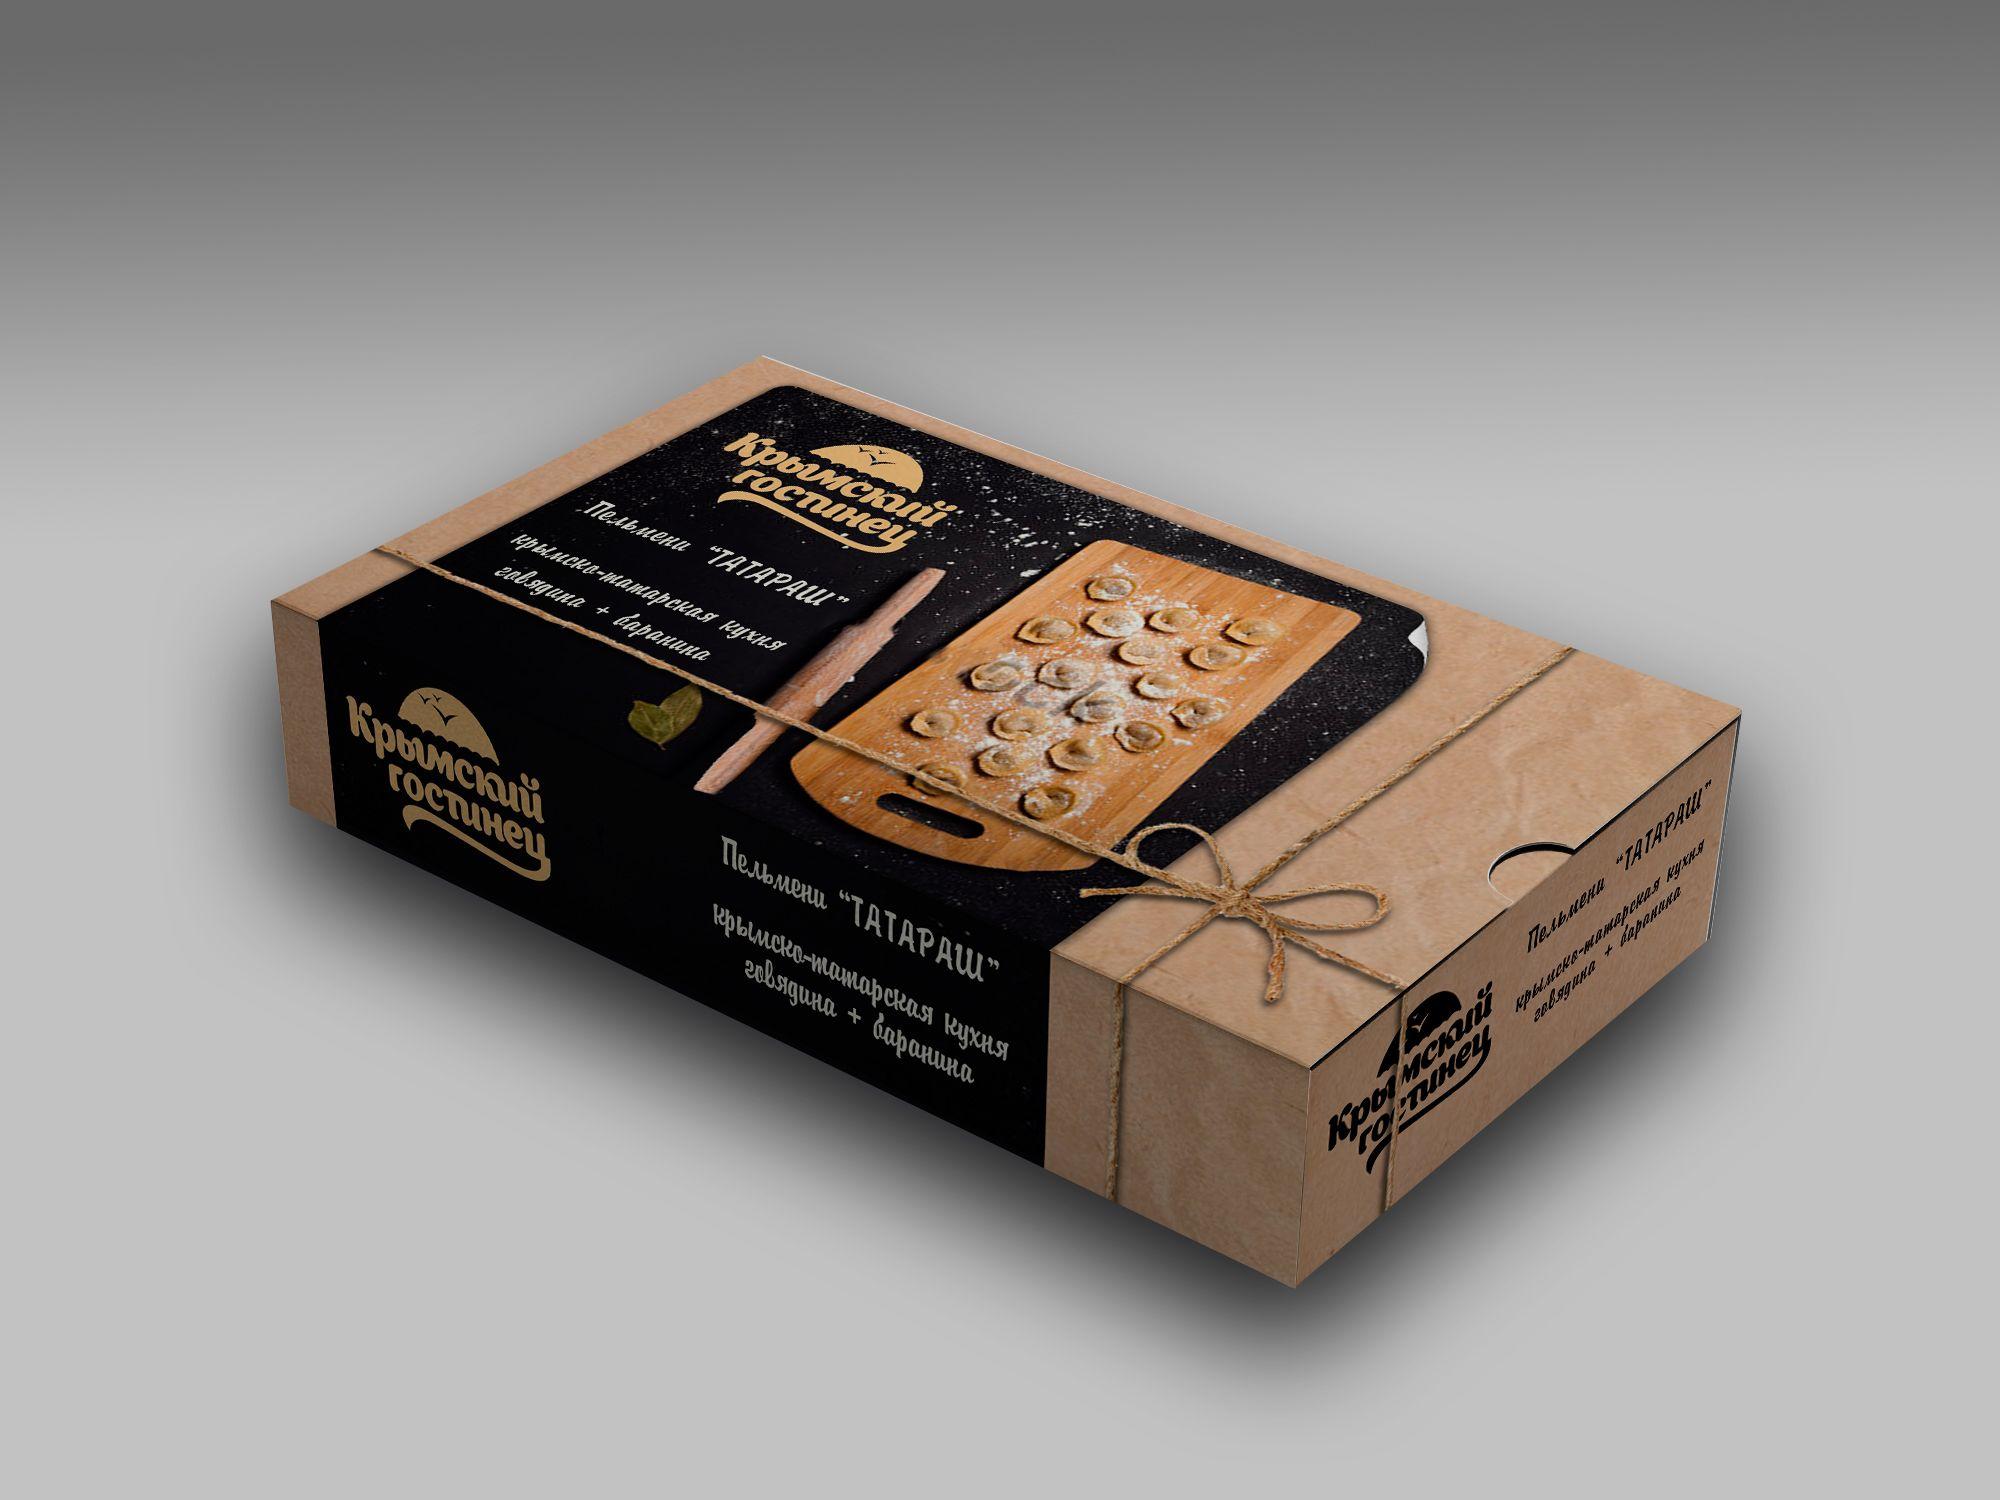 Упаковка для китайской лапши, упаковка для фаст фуда